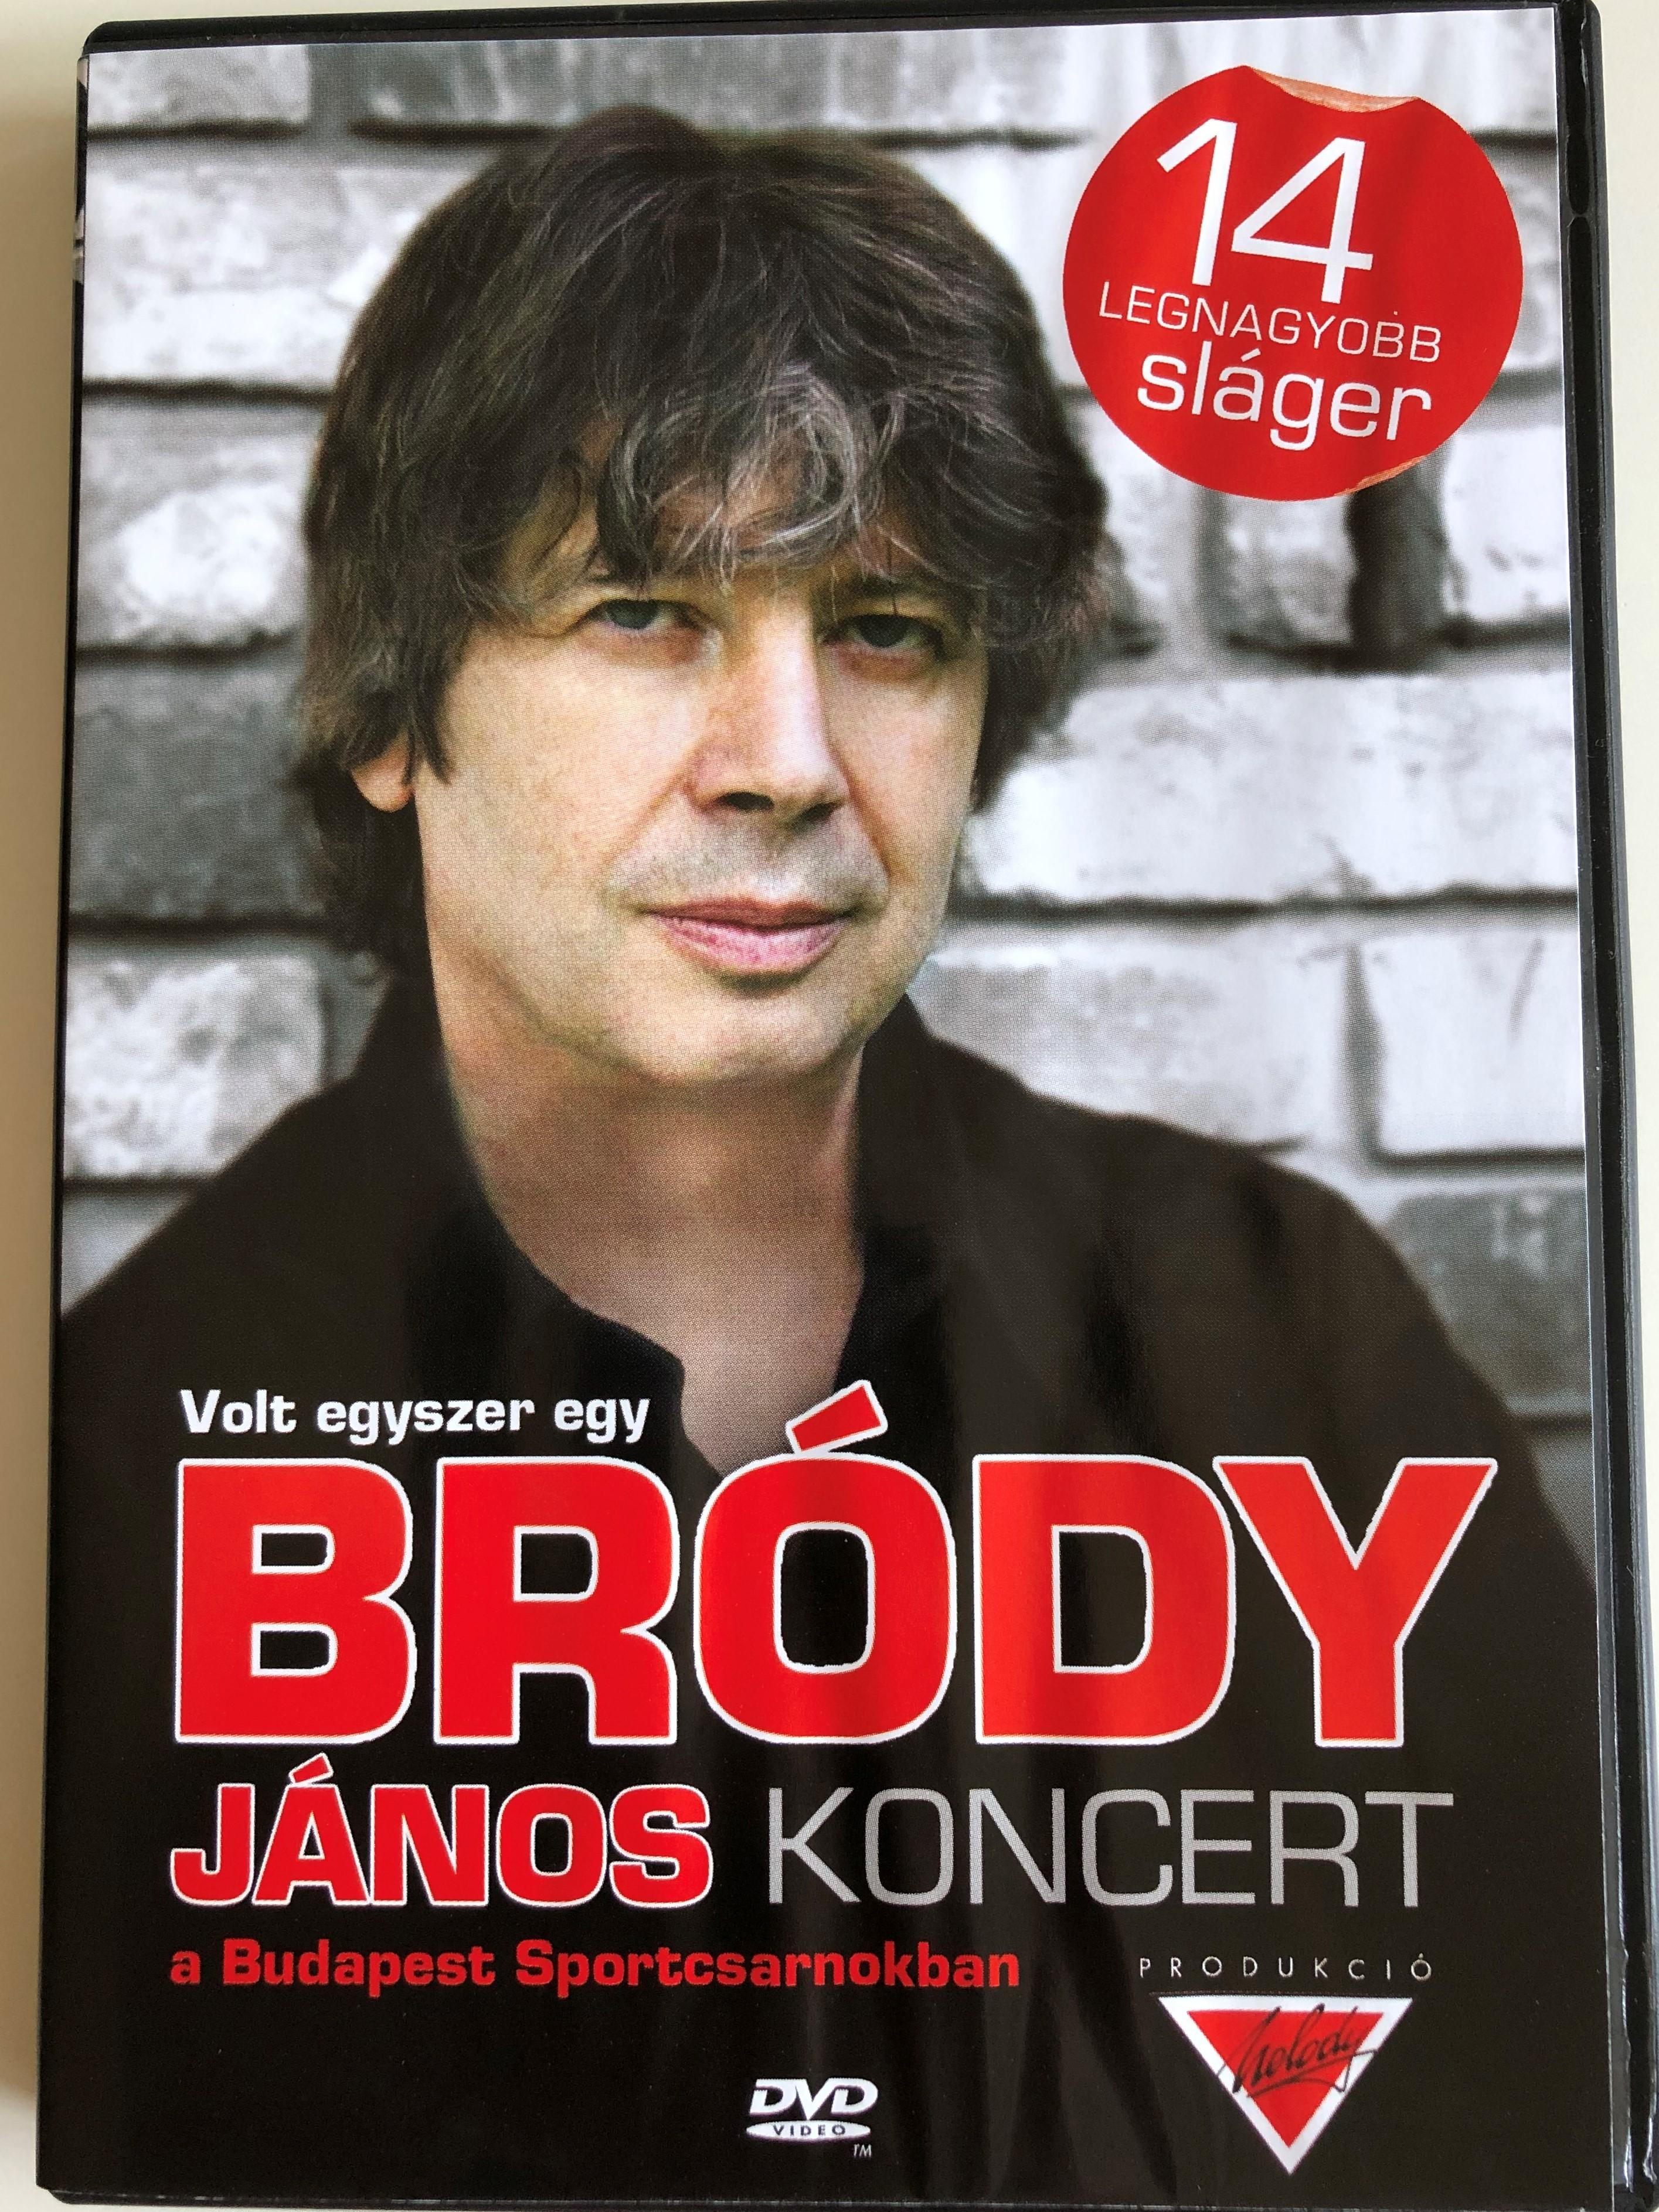 volt-egyszer-egy-br-dy-j-nos-koncert-a-budapest-sportcsarnokban-dvd-2005-malibu-records-mr004-1-.jpg